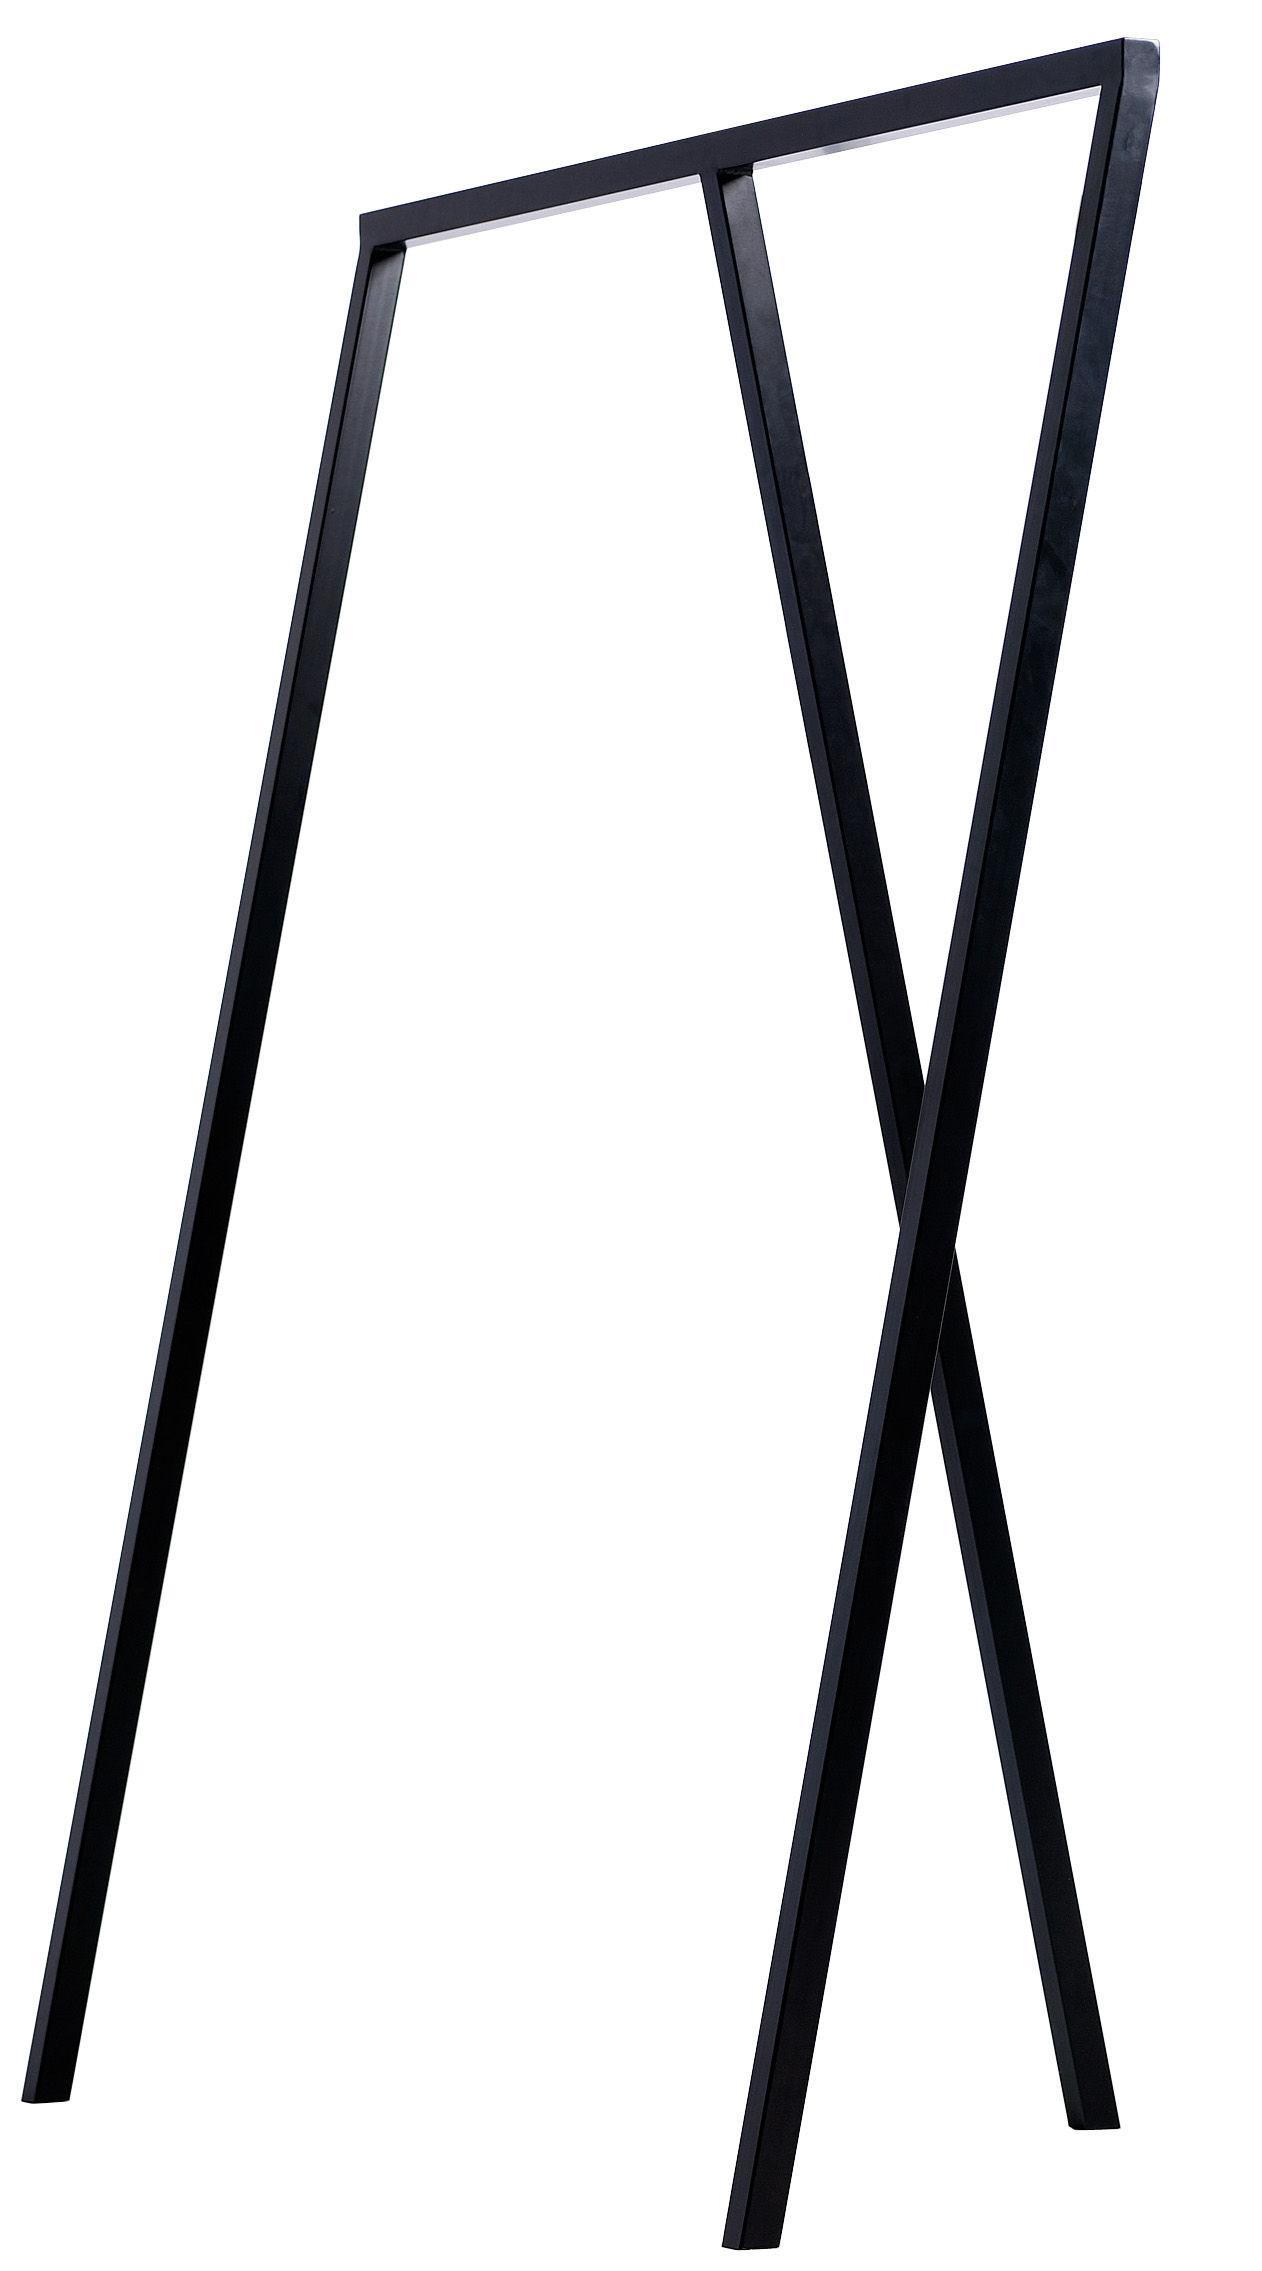 Möbel - Garderoben und Kleiderhaken - Loop Kleiderständer B 130 cm - Hay - Schwarz - lackierter Stahl